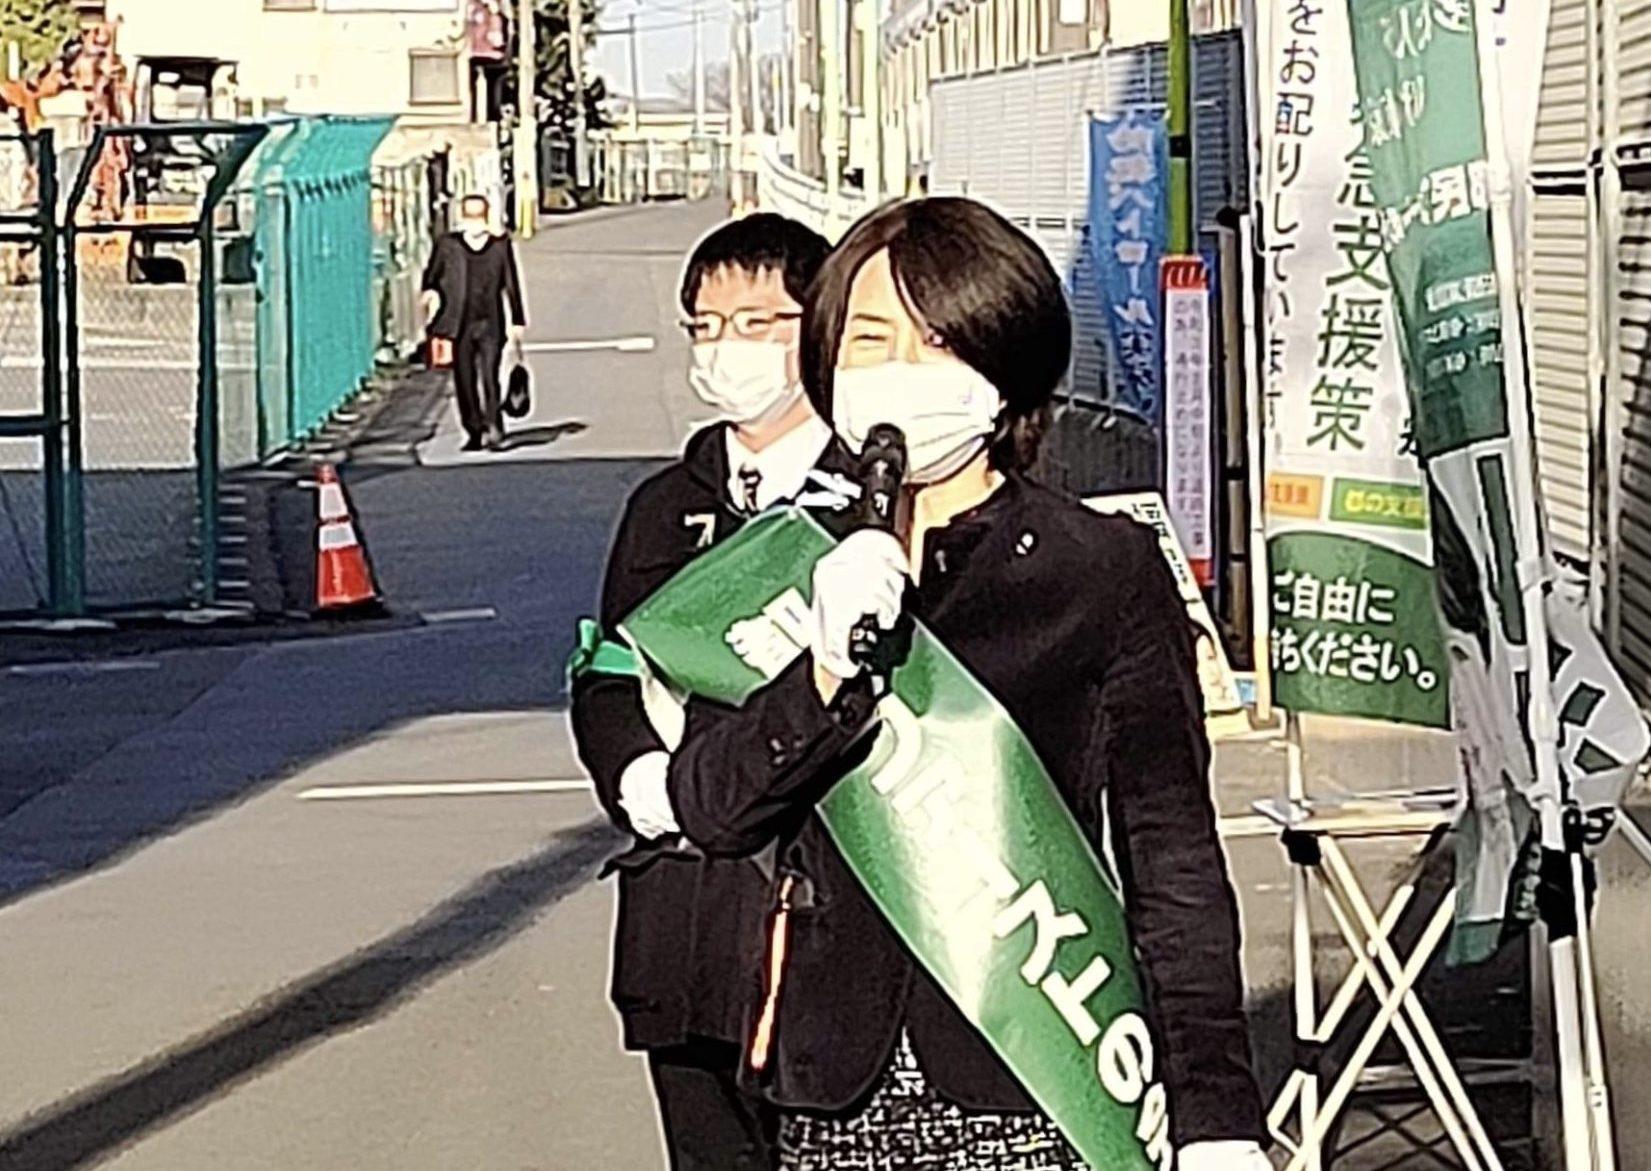 福島りえこ,都議会,都議会議員,世田谷区